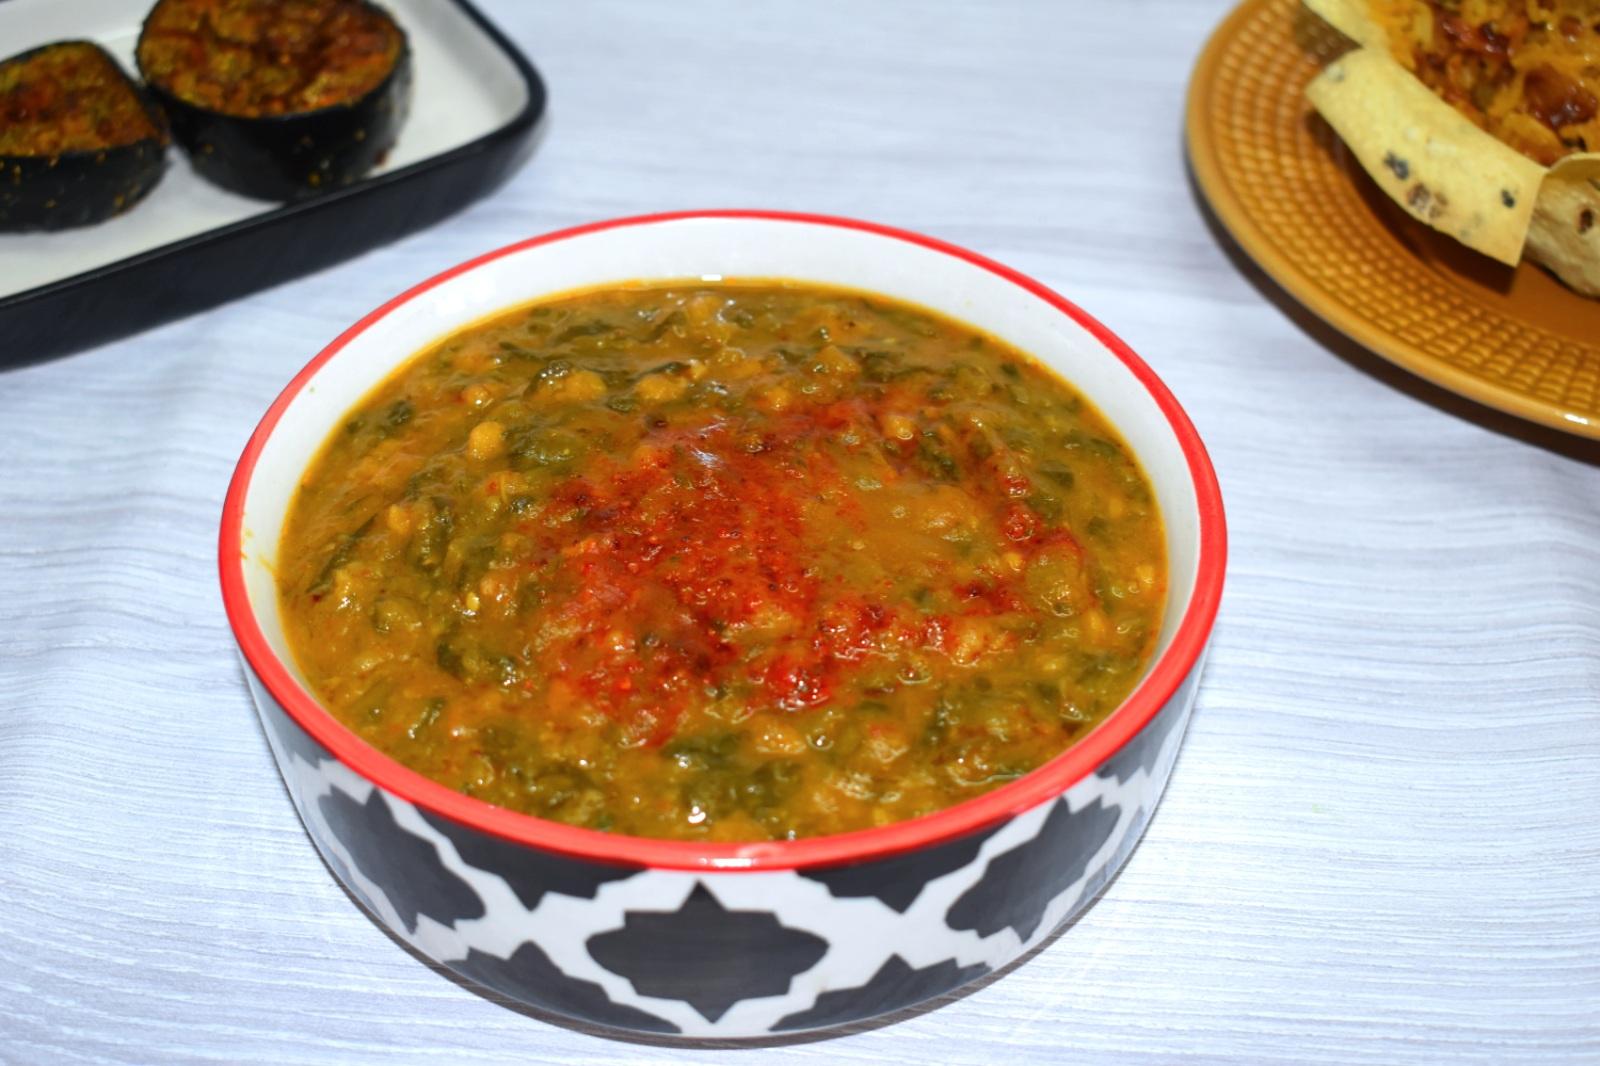 sai bhaji recipe